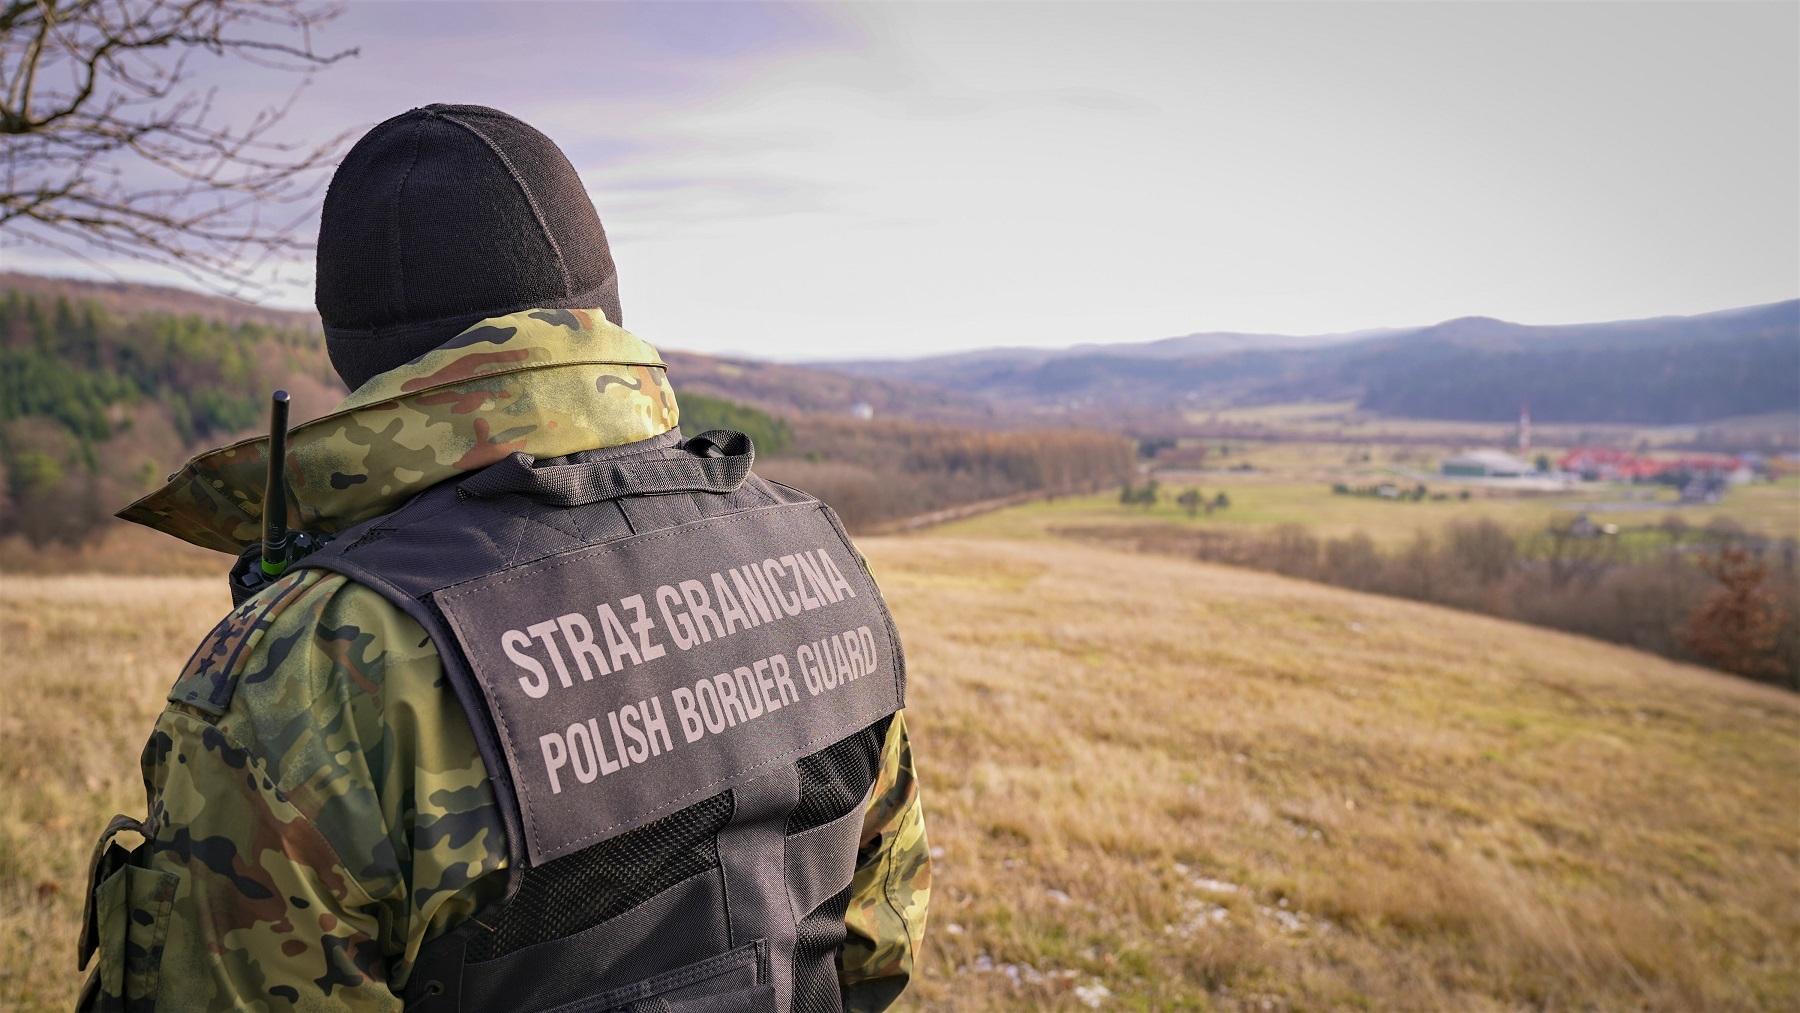 Straż Graniczna z Wojtkowej dołącza się do #GaszynChallange [VIDEO] - Zdjęcie główne